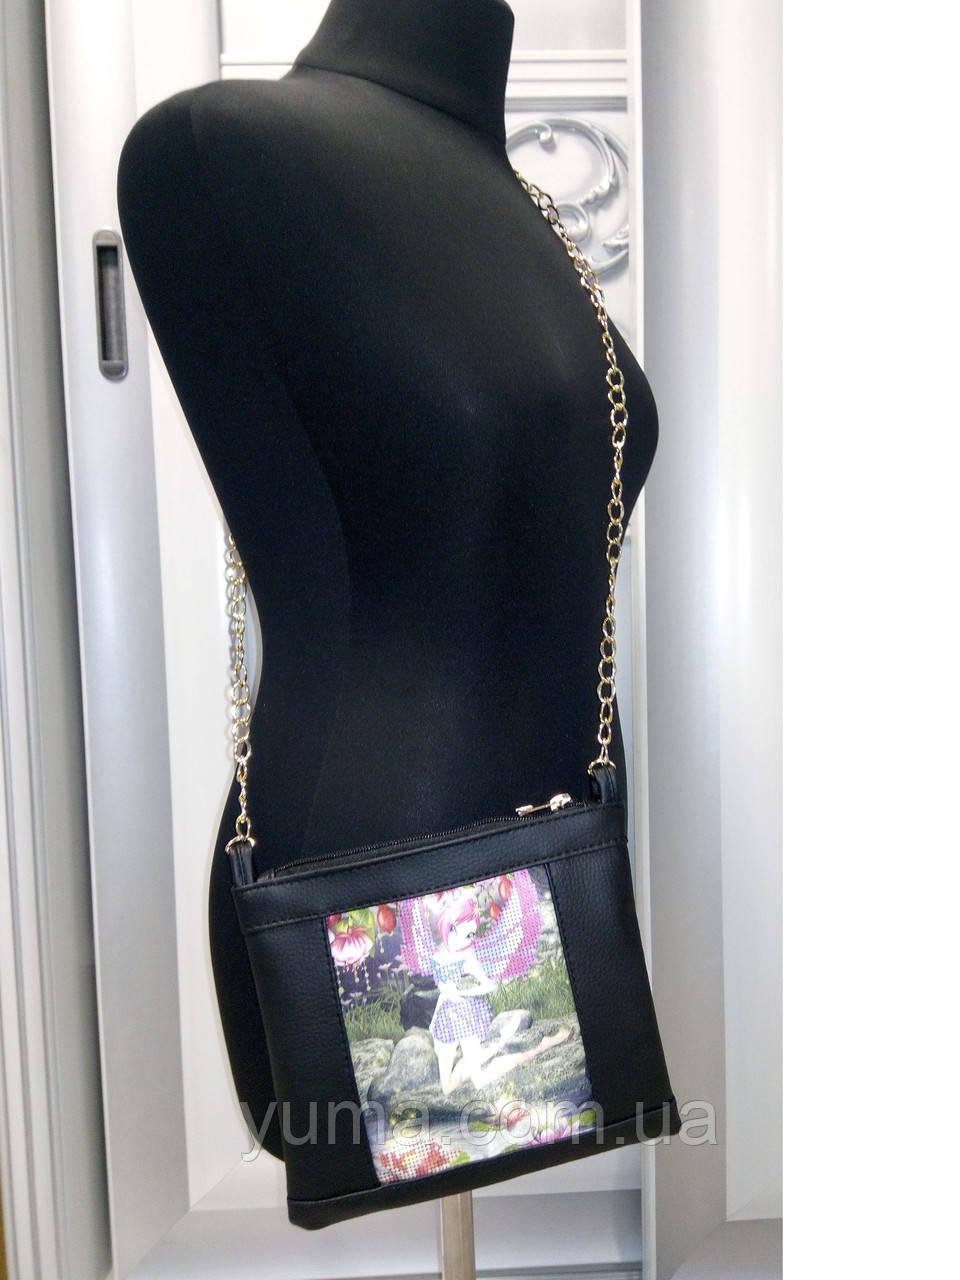 Сумочка детская  для вышивки бисером модель  Мия 1